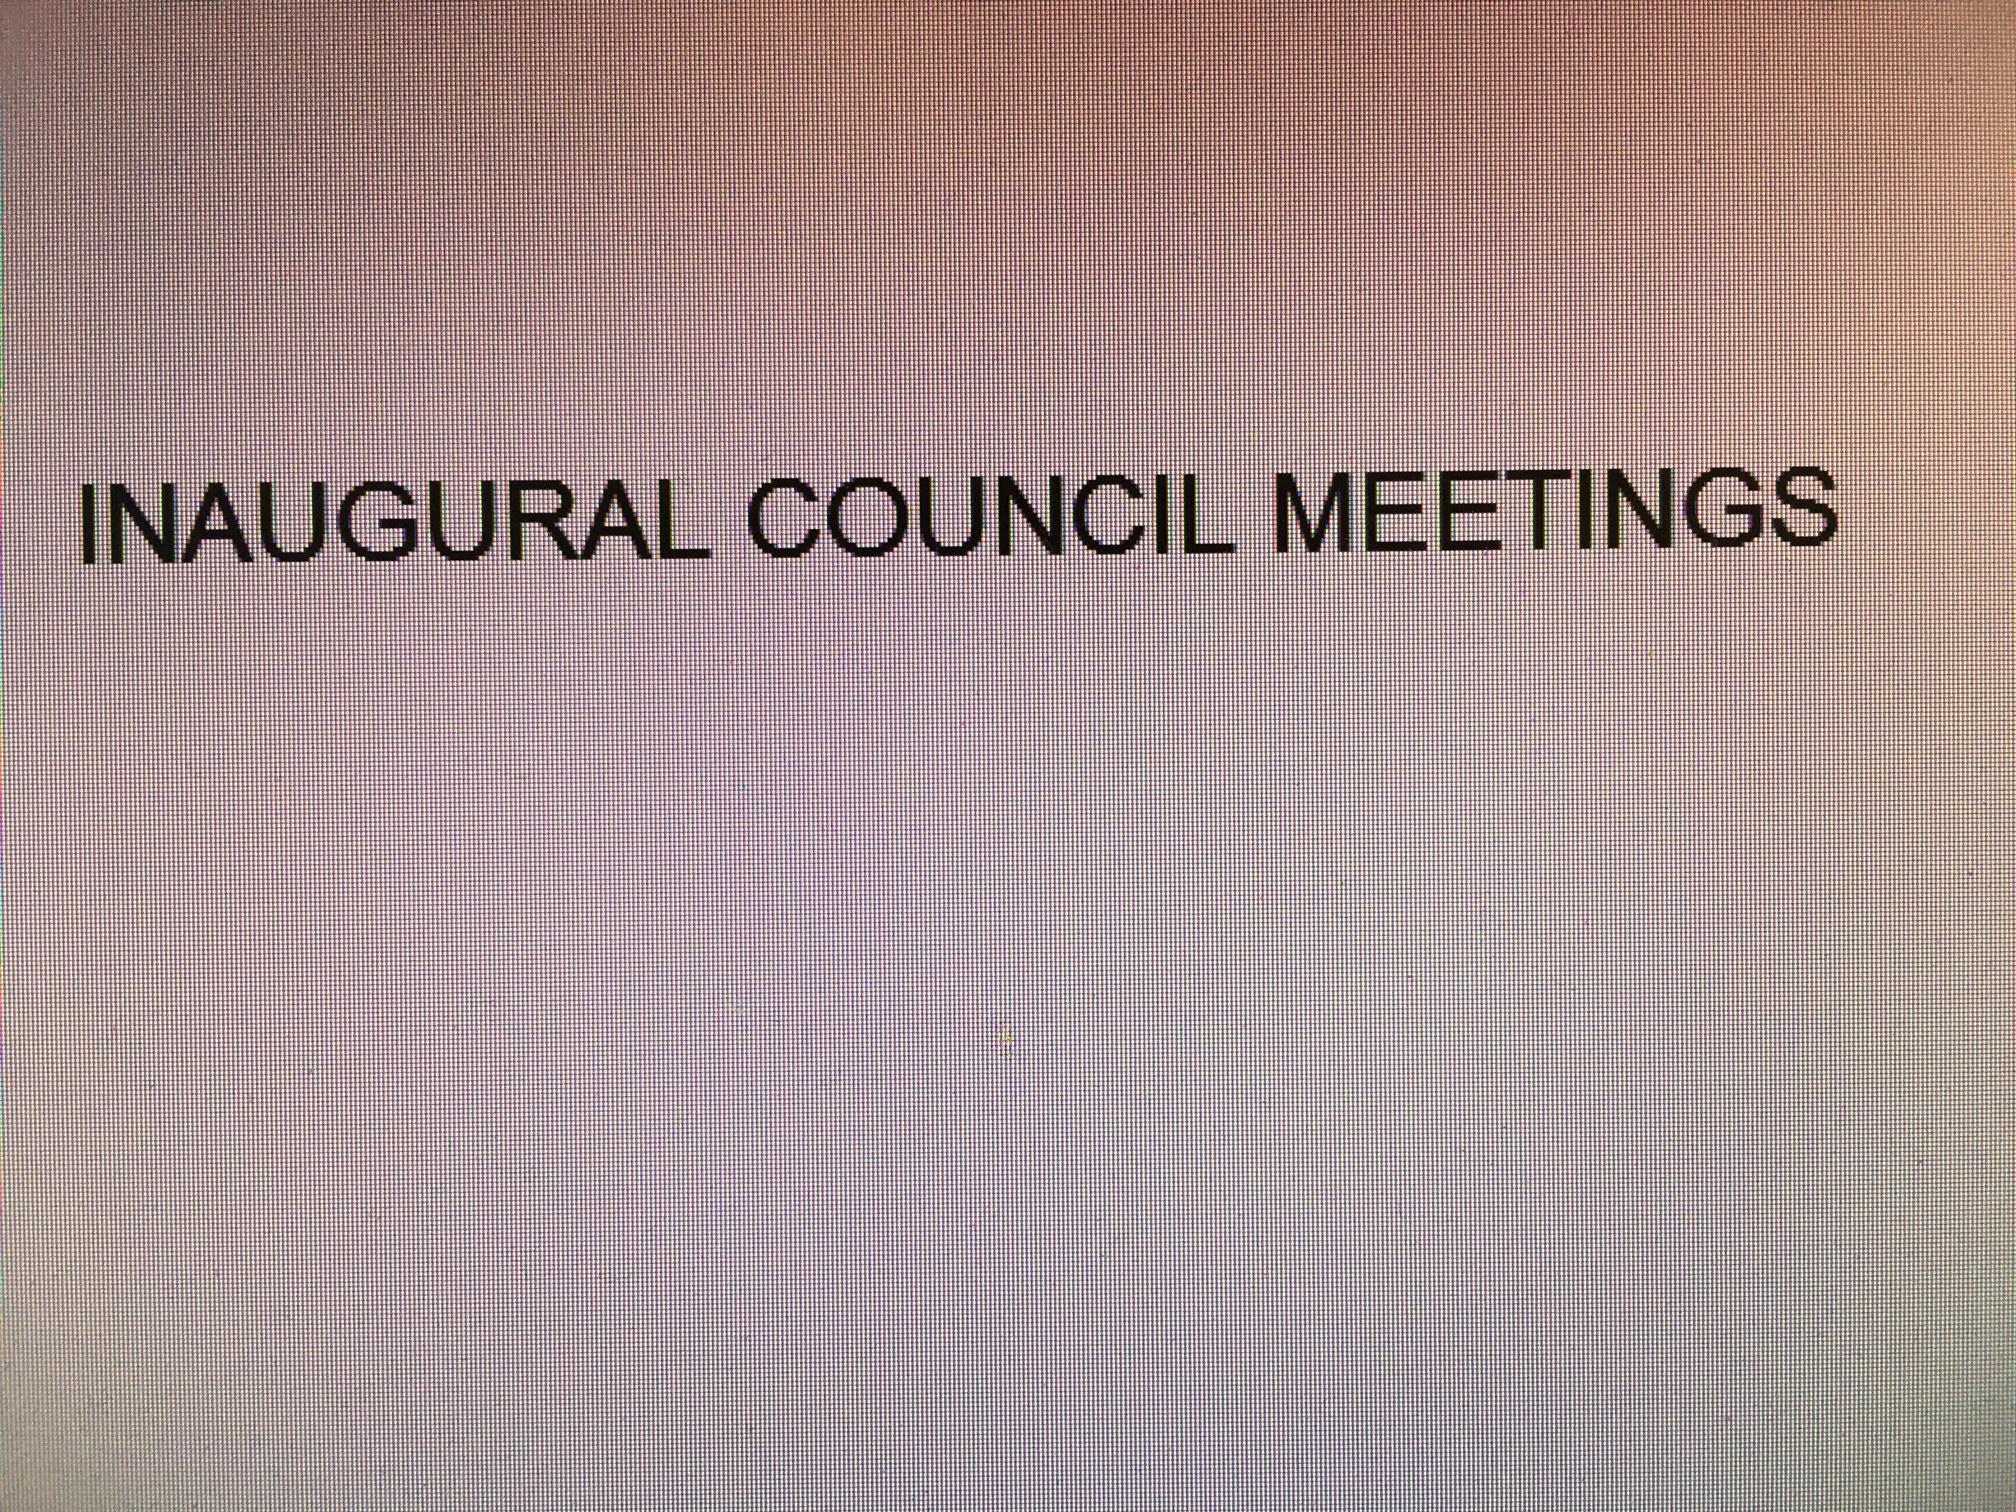 Inaugural meetings galore